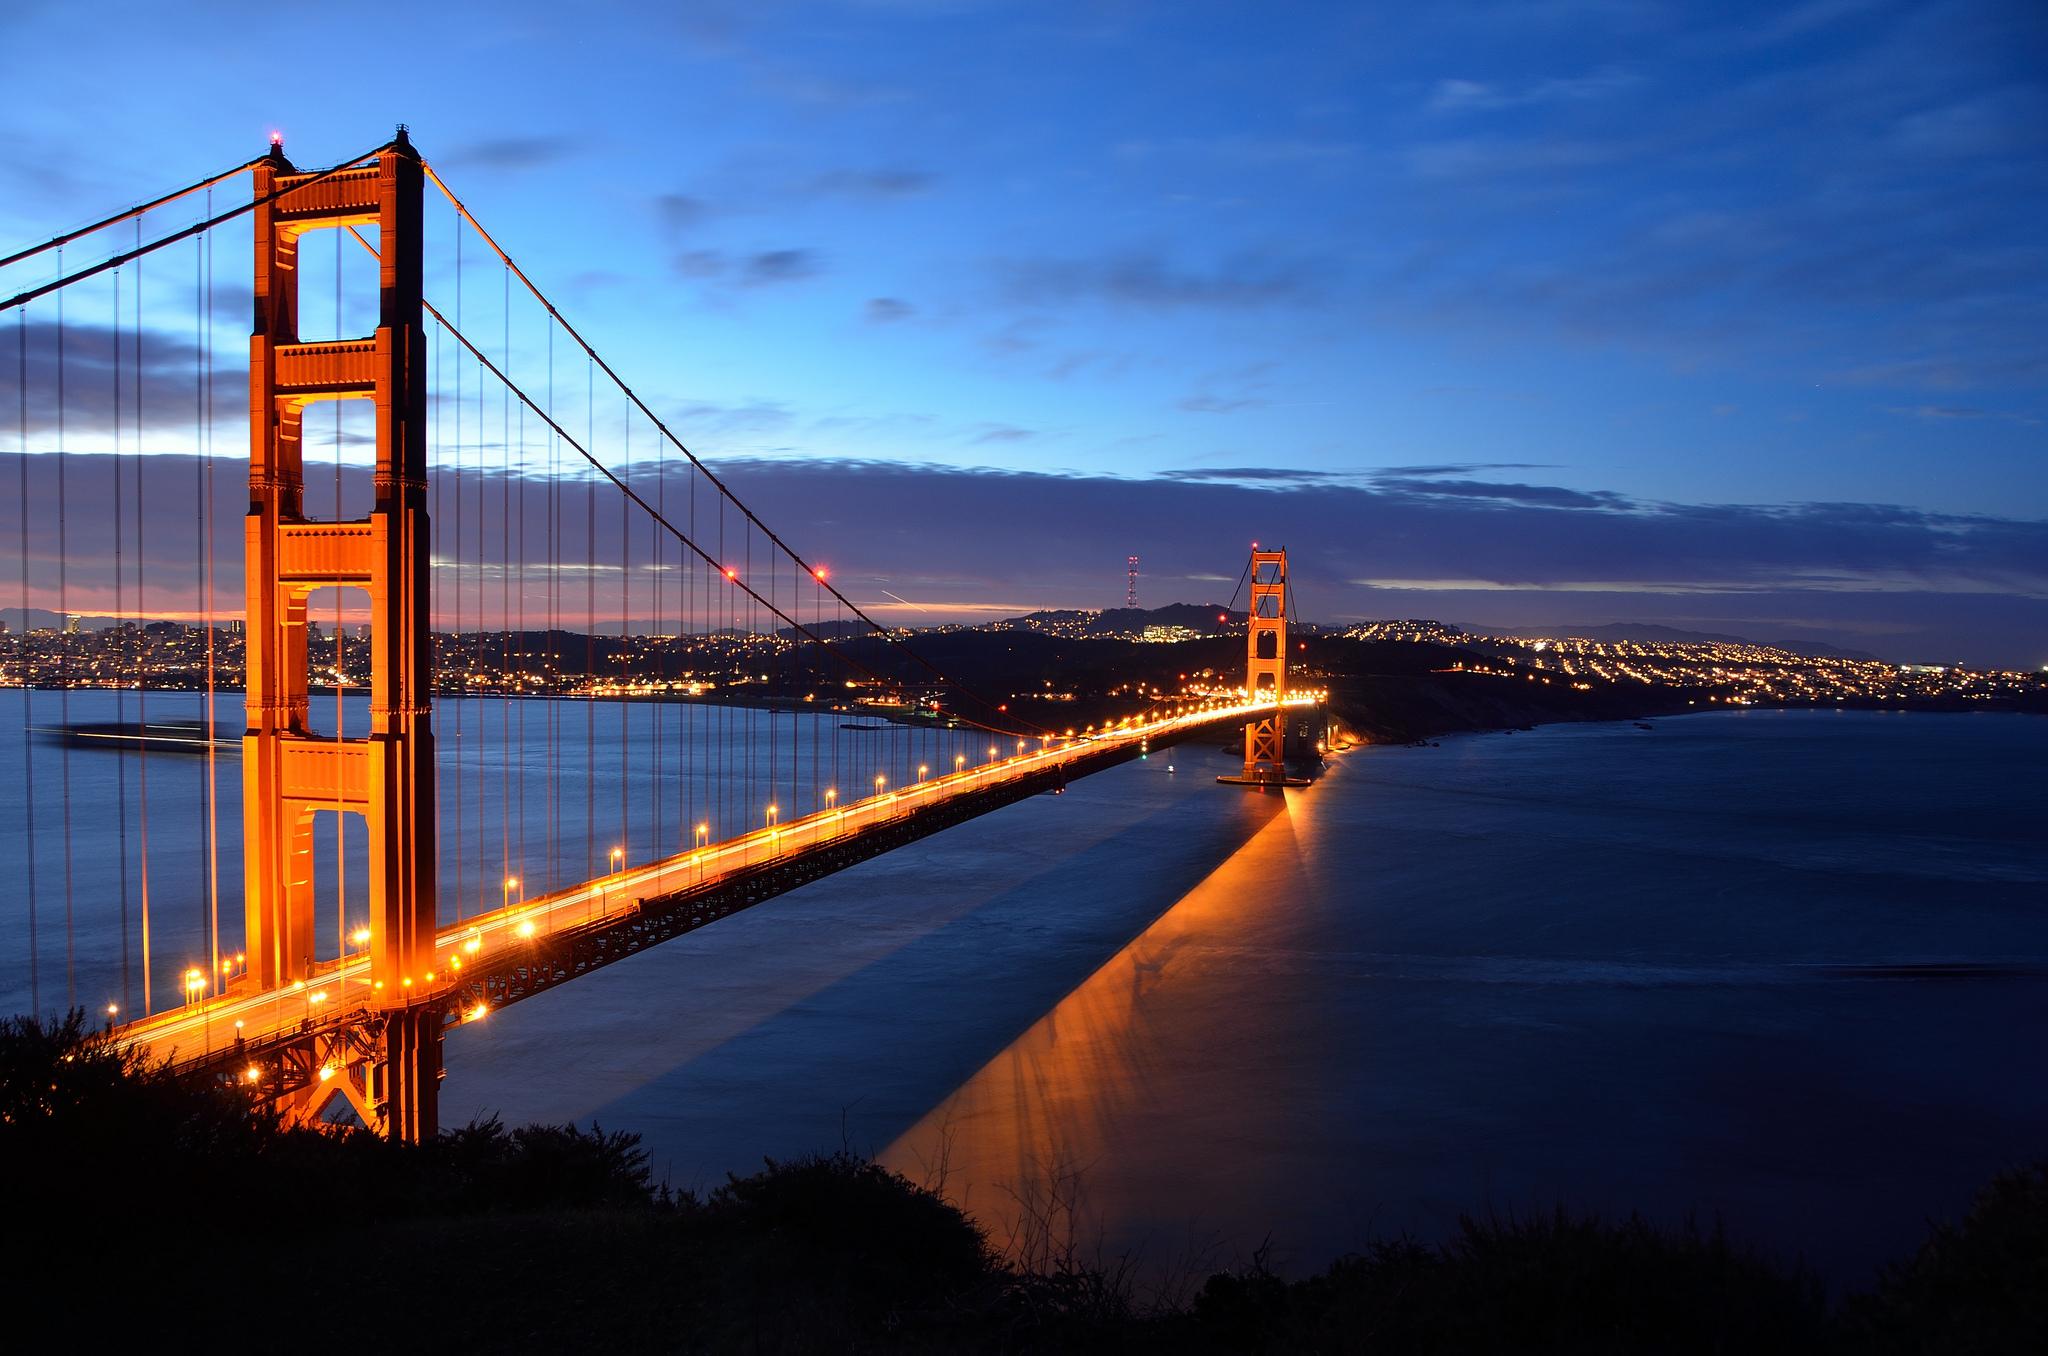 Golden Gate Bridge Wallpapers, Pictures